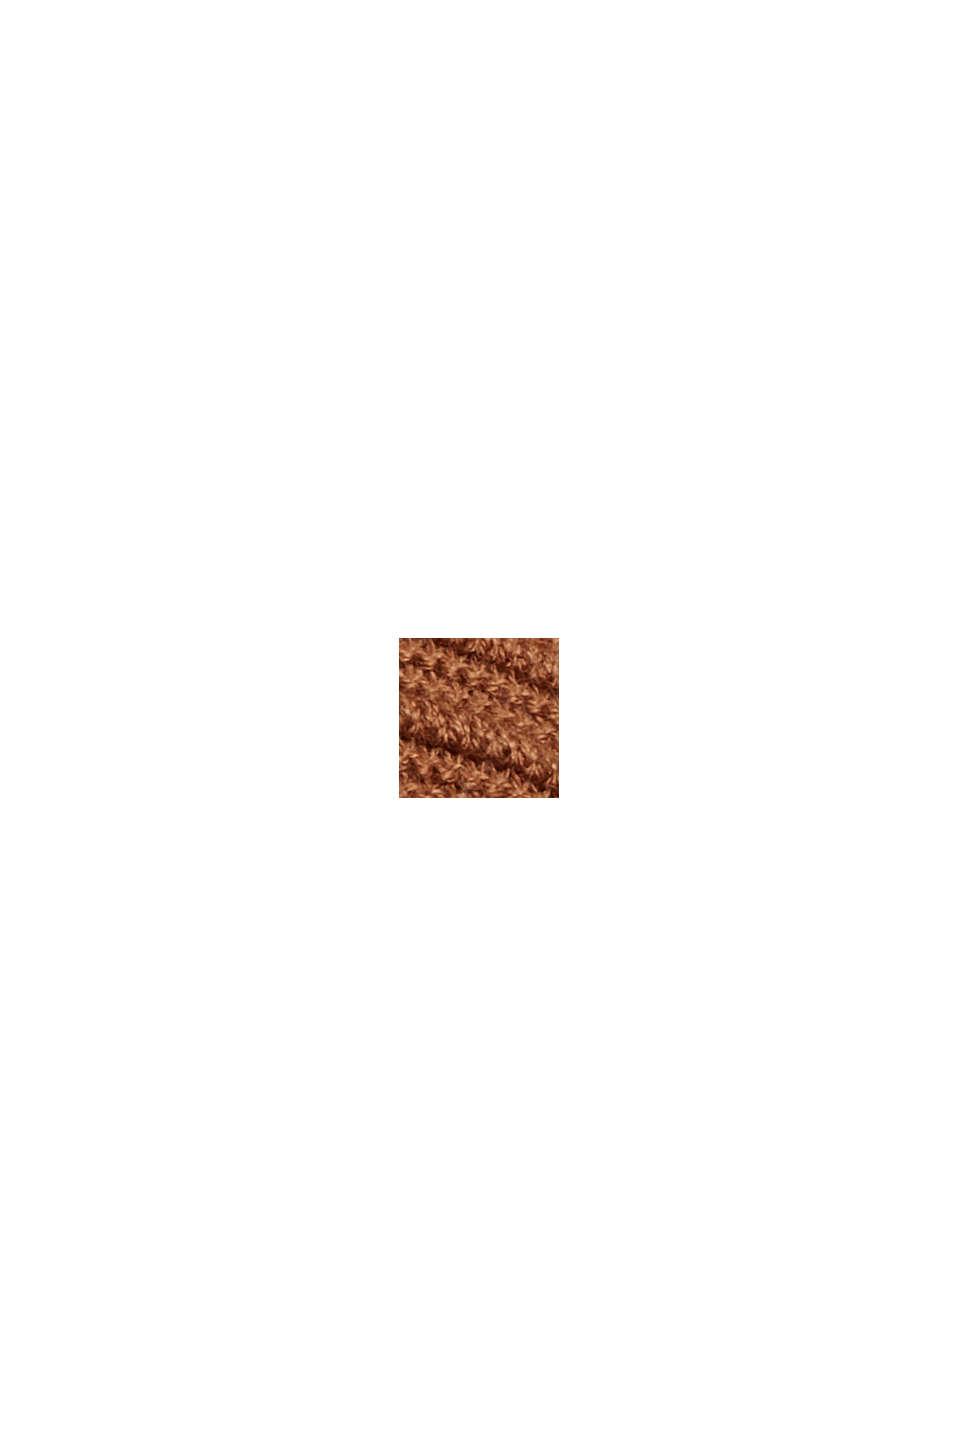 Ribbet cardigan i 100% økobomuld uden lukning, TOFFEE, swatch